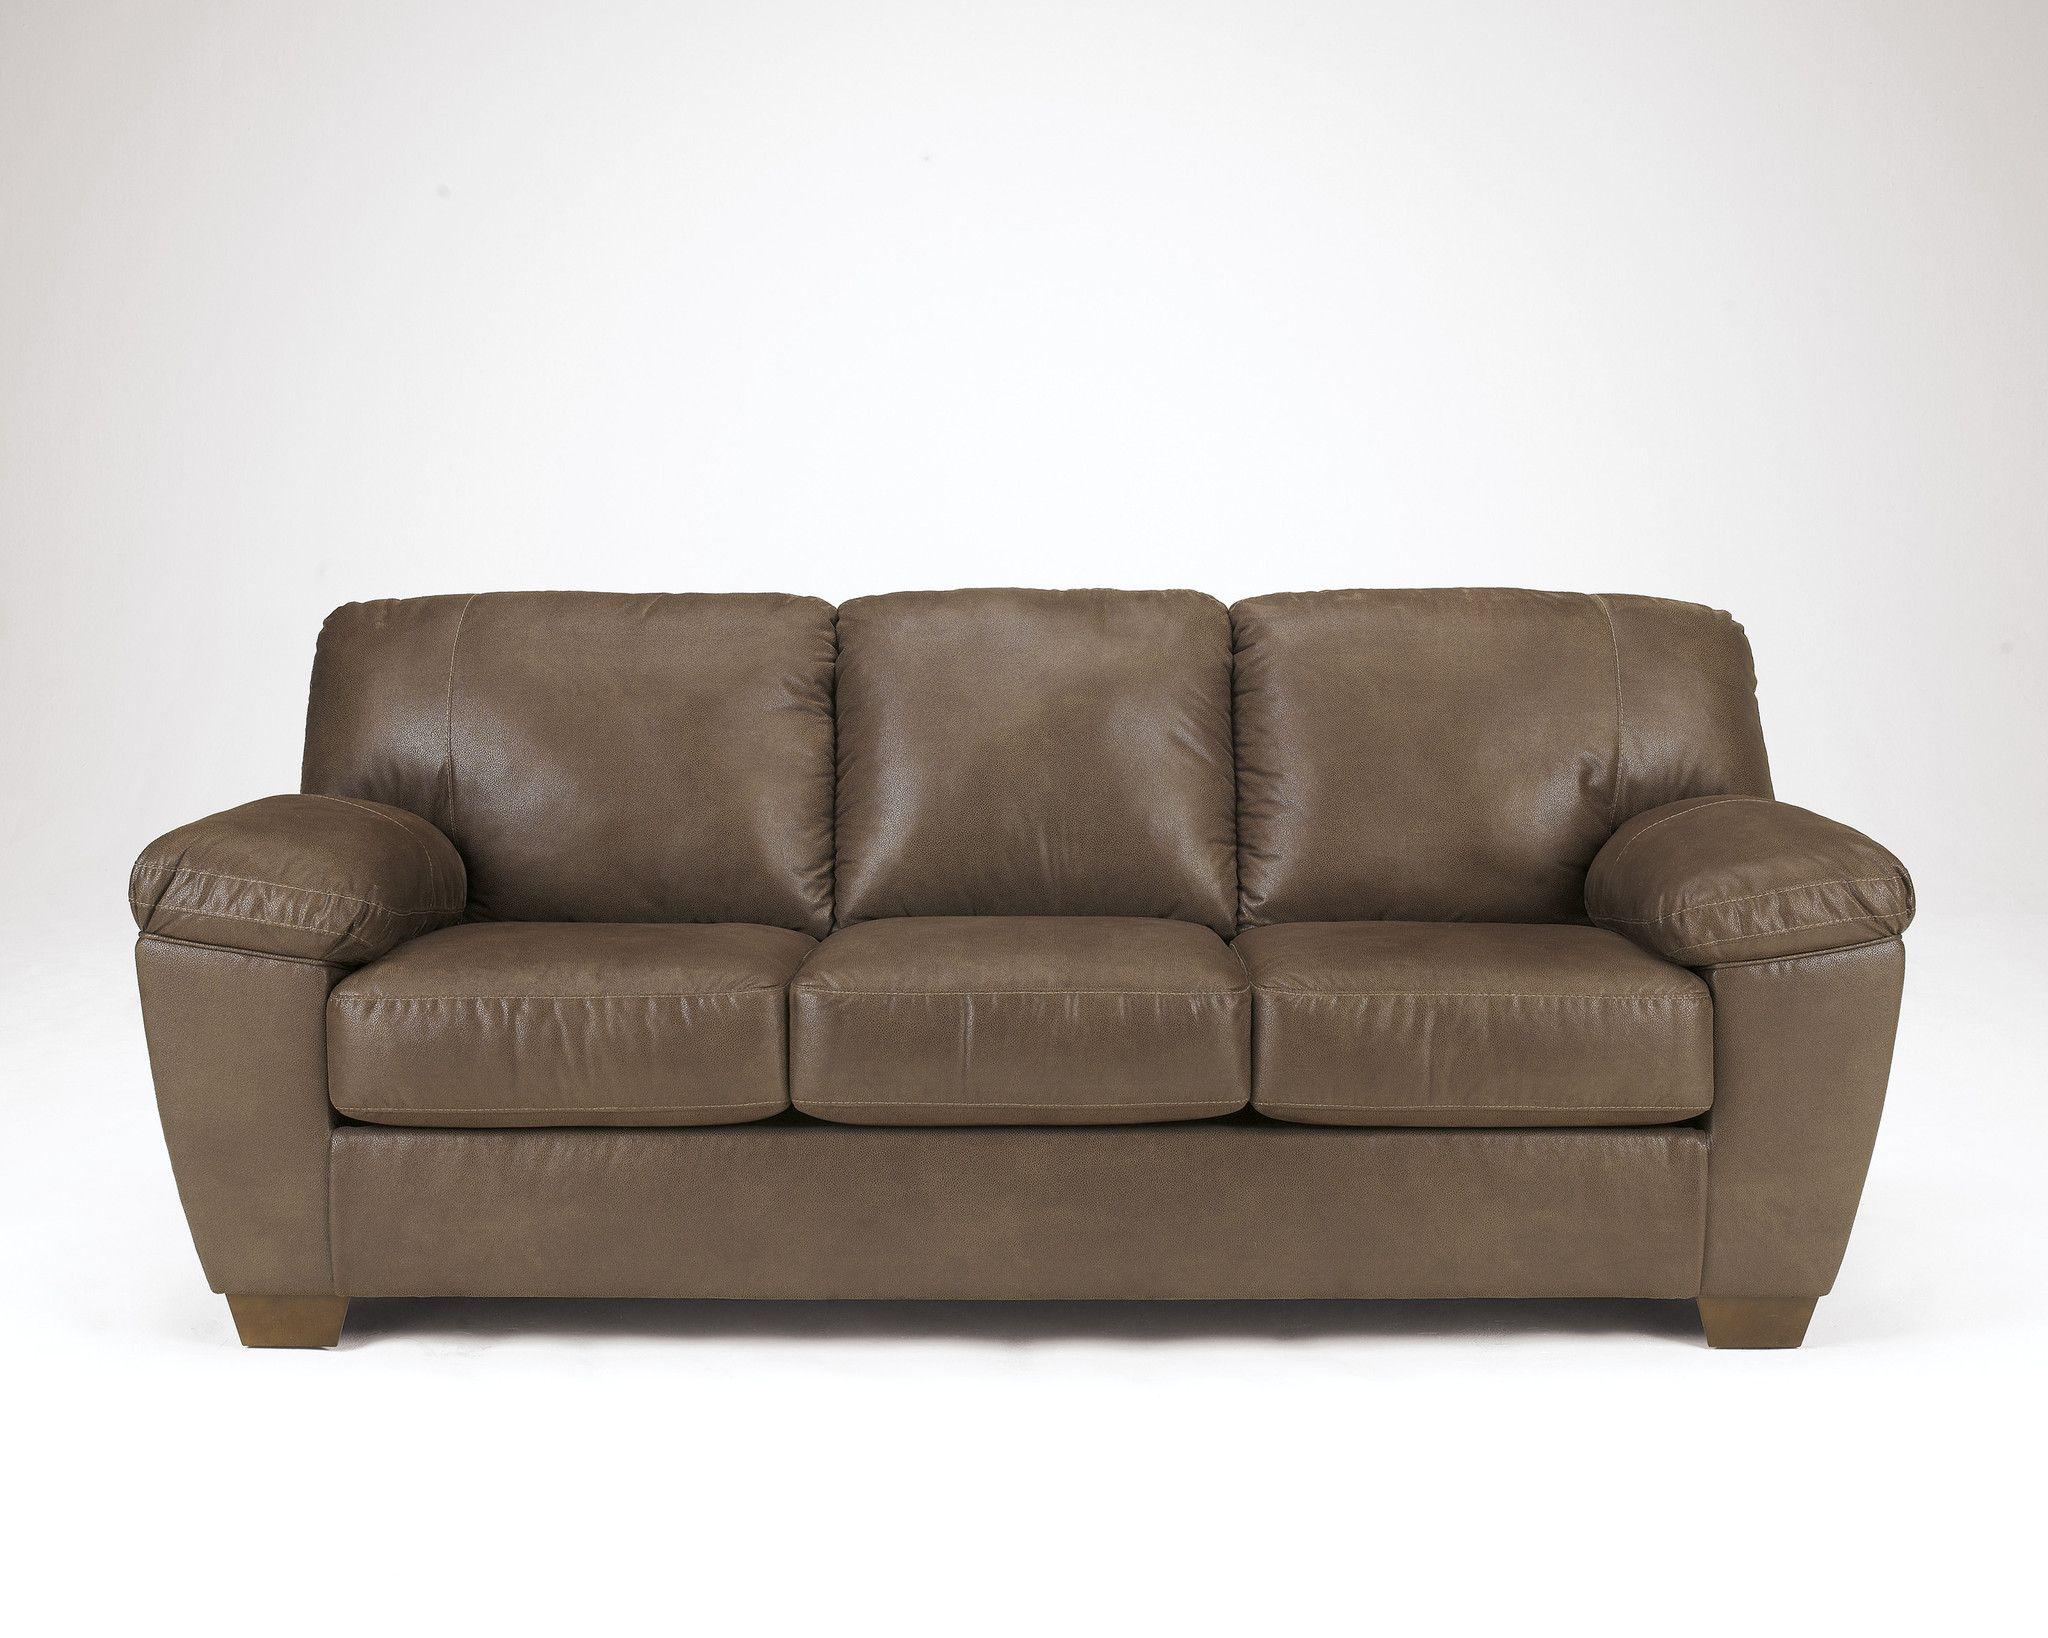 amazon sofa | amazon sofa and products